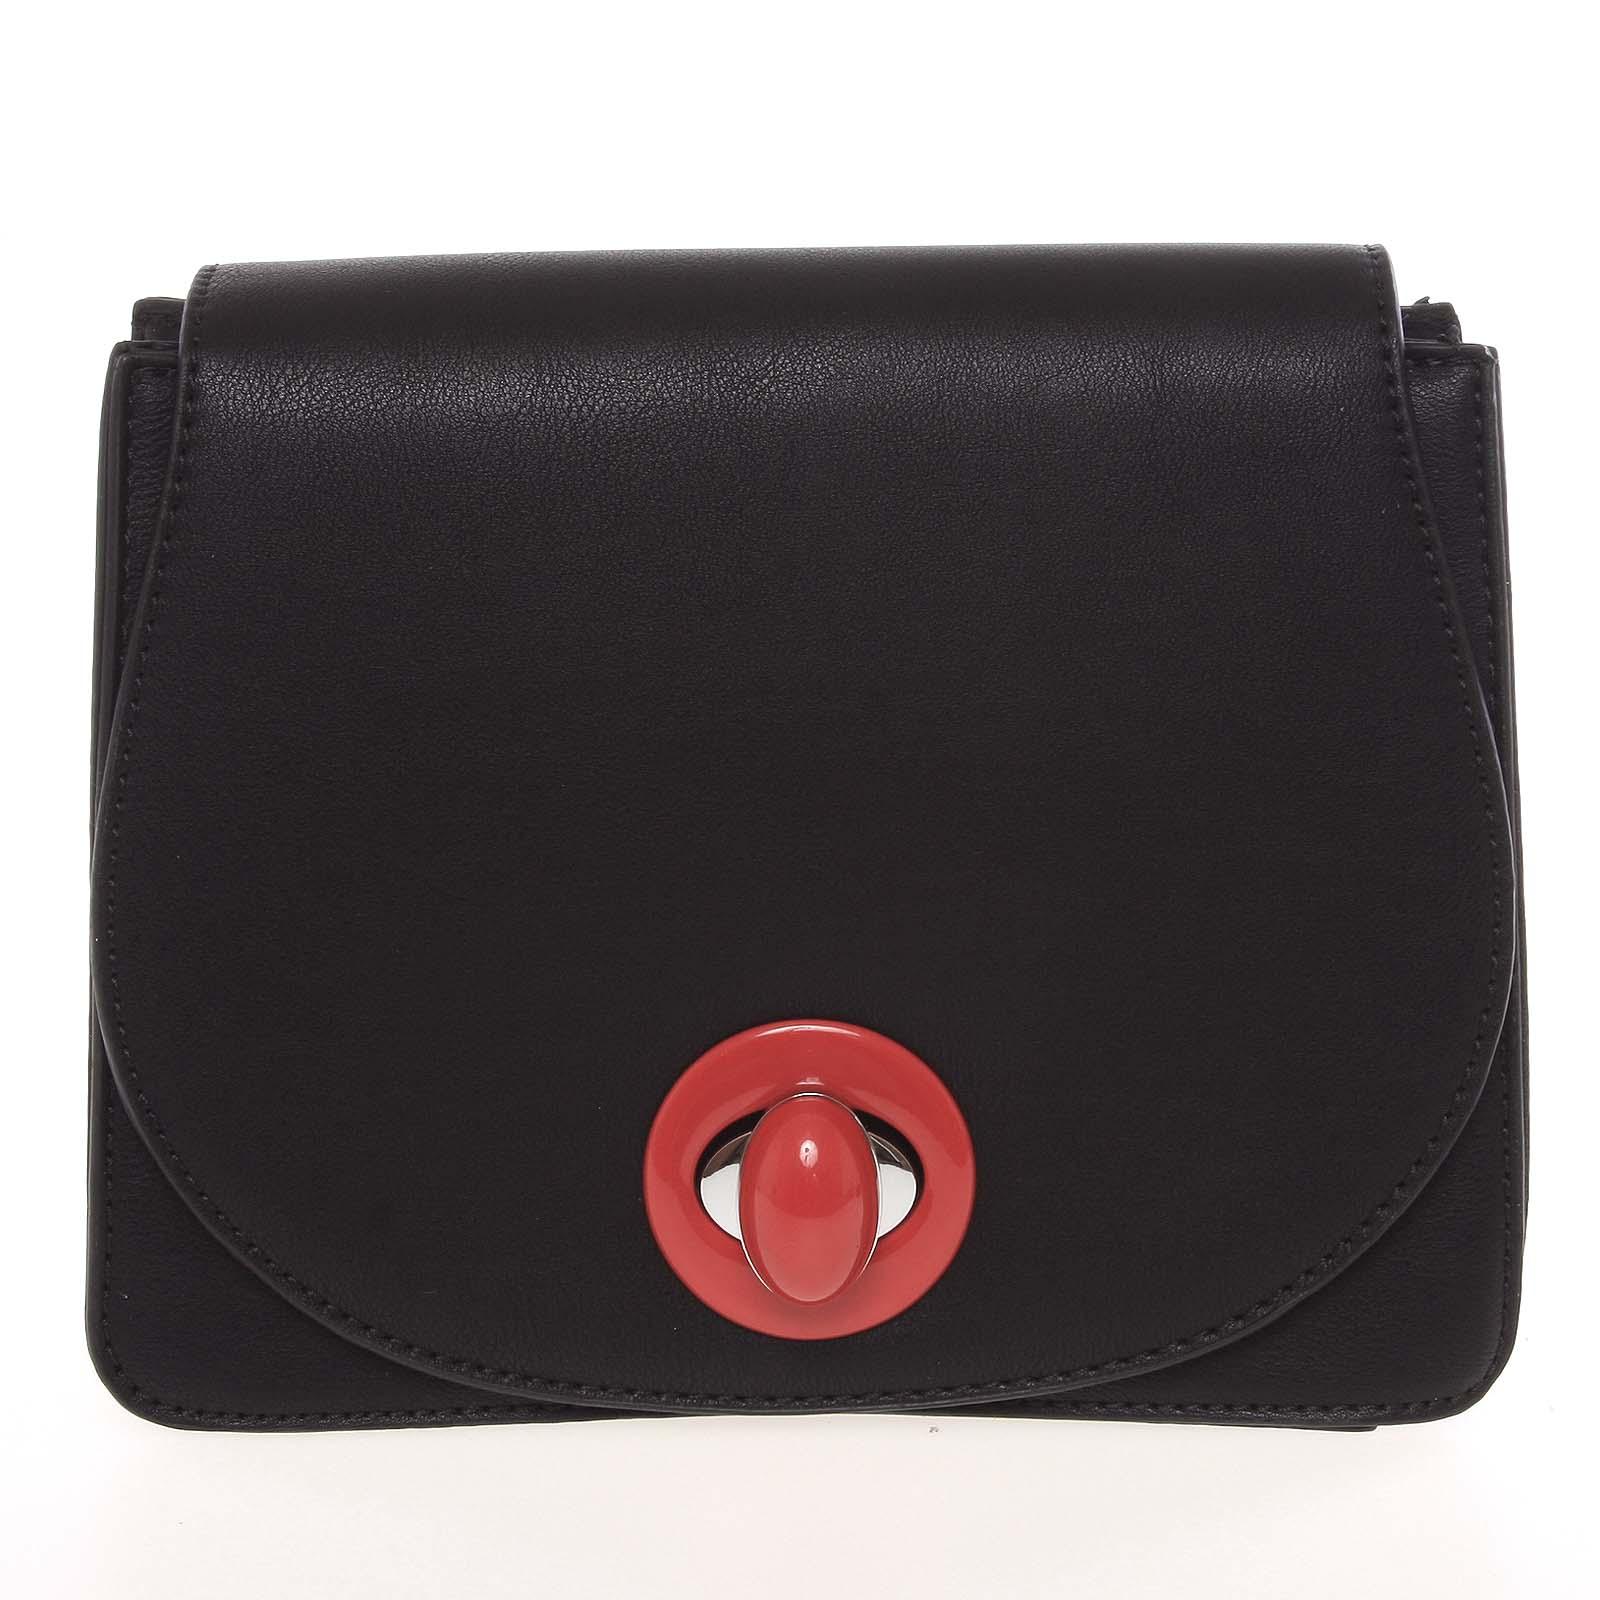 Moderní pevná dámská crossbody kabelka černá - Silvia Rosa Stacey černá